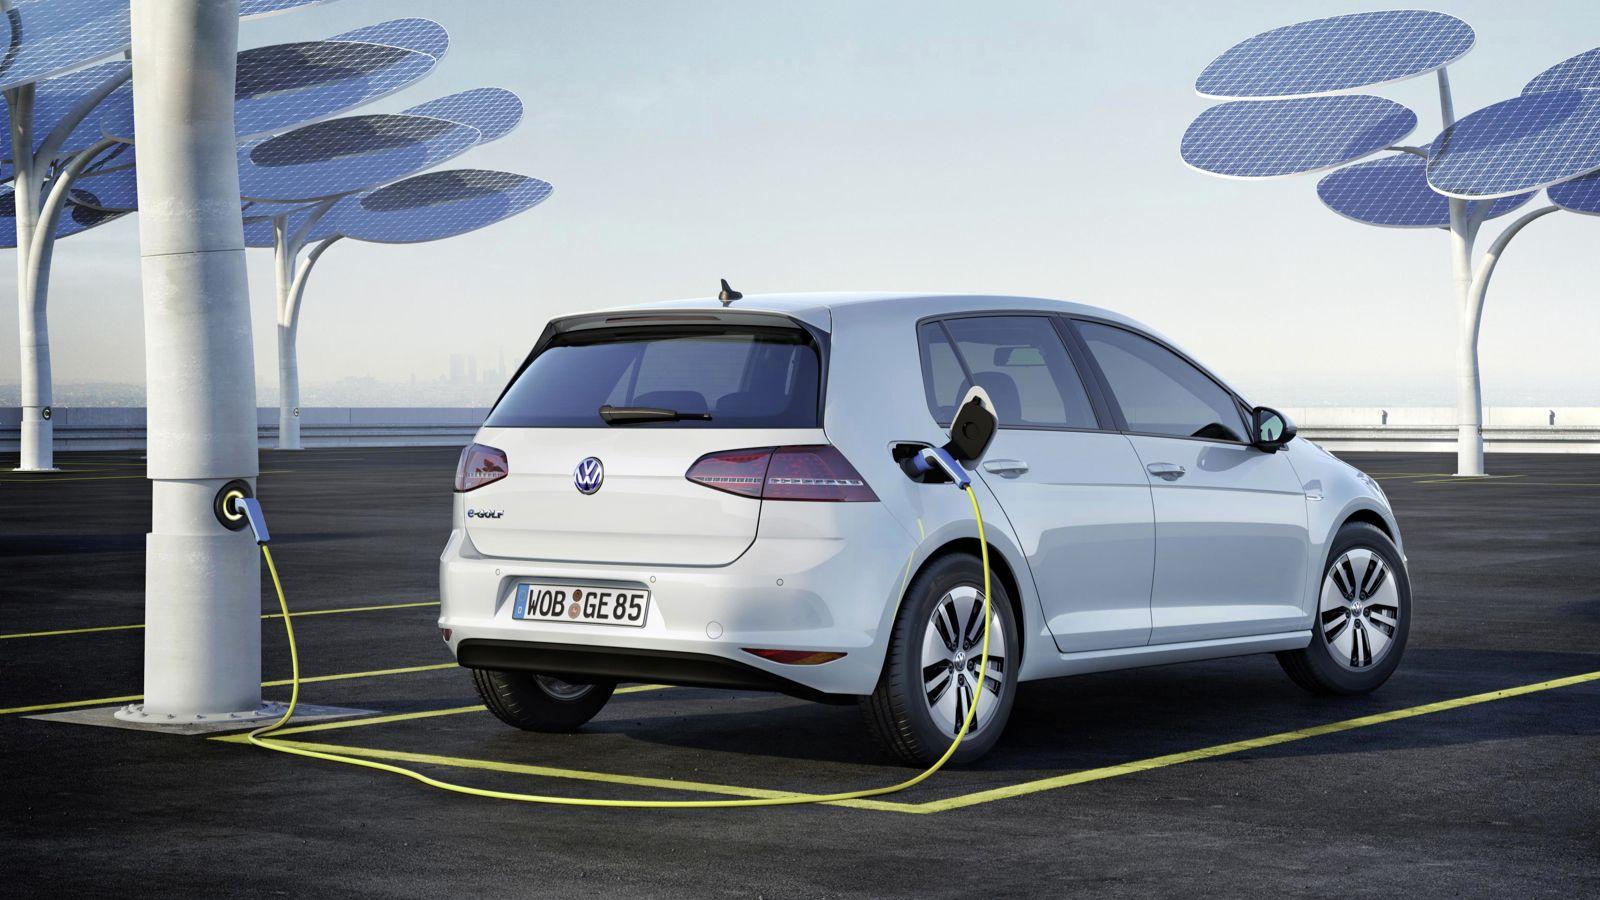 Elektrikli Araçların Düşük Hızlardayken Ses Çıkarmaları, Zorunlu Hale Geliyor